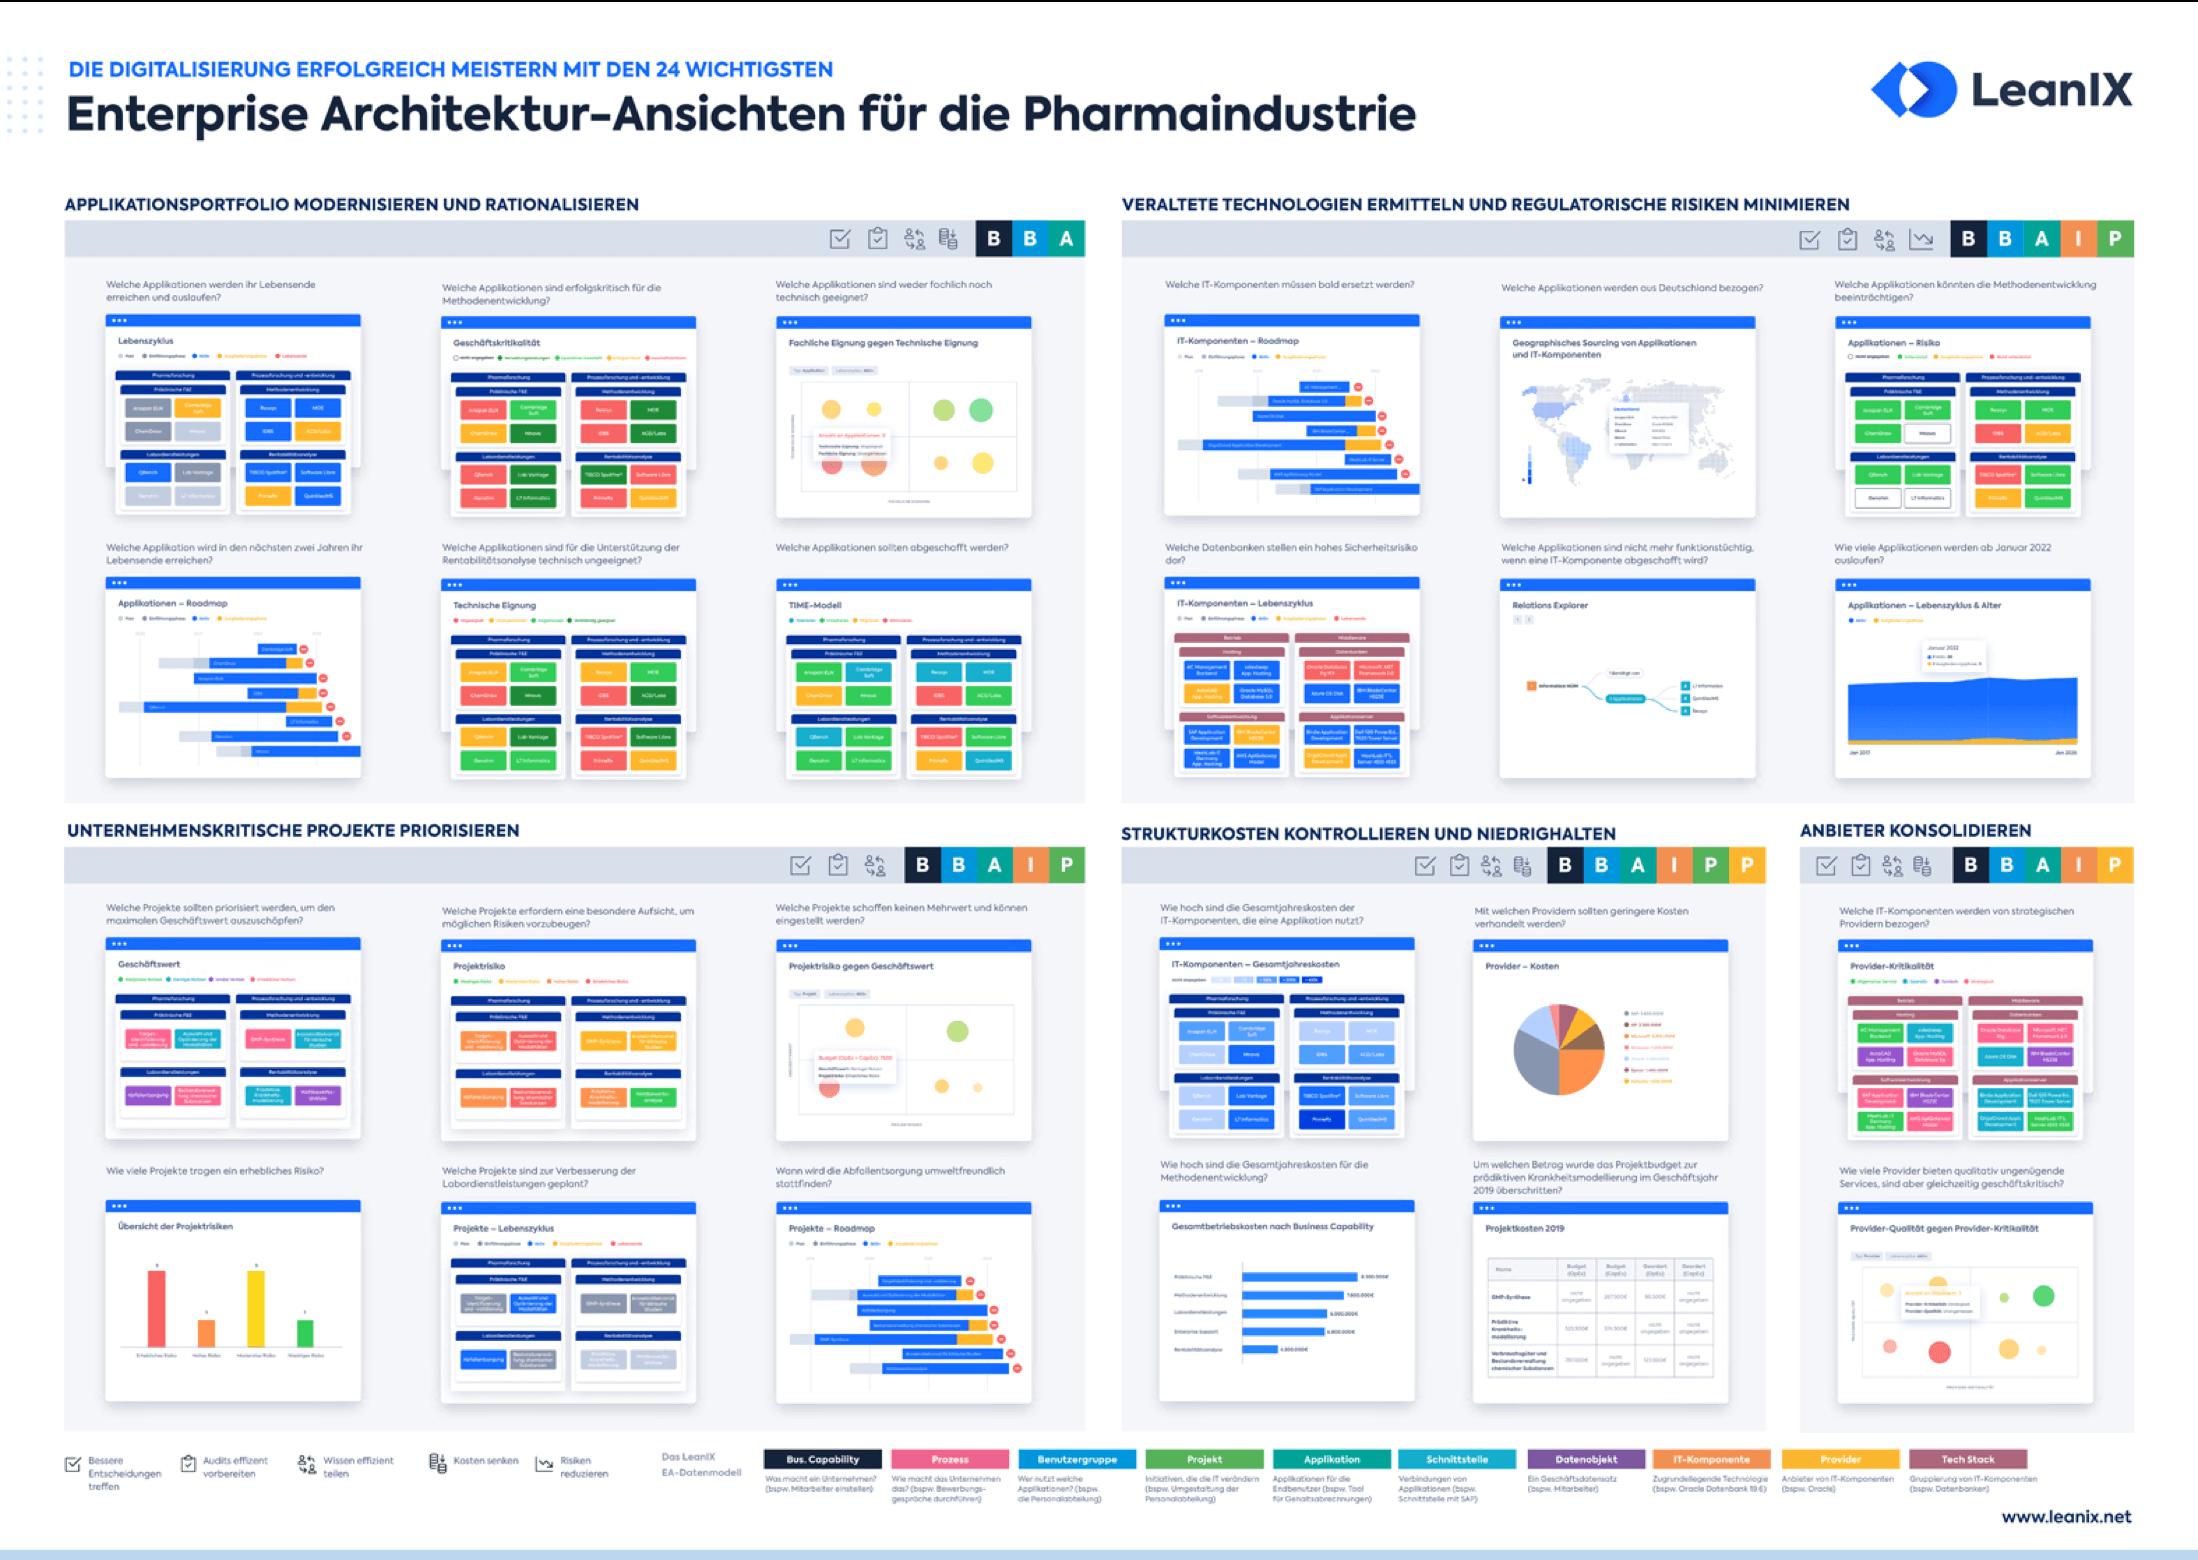 Die 24 wichtigsten EA-Ansichten für die Pharmaindustrie